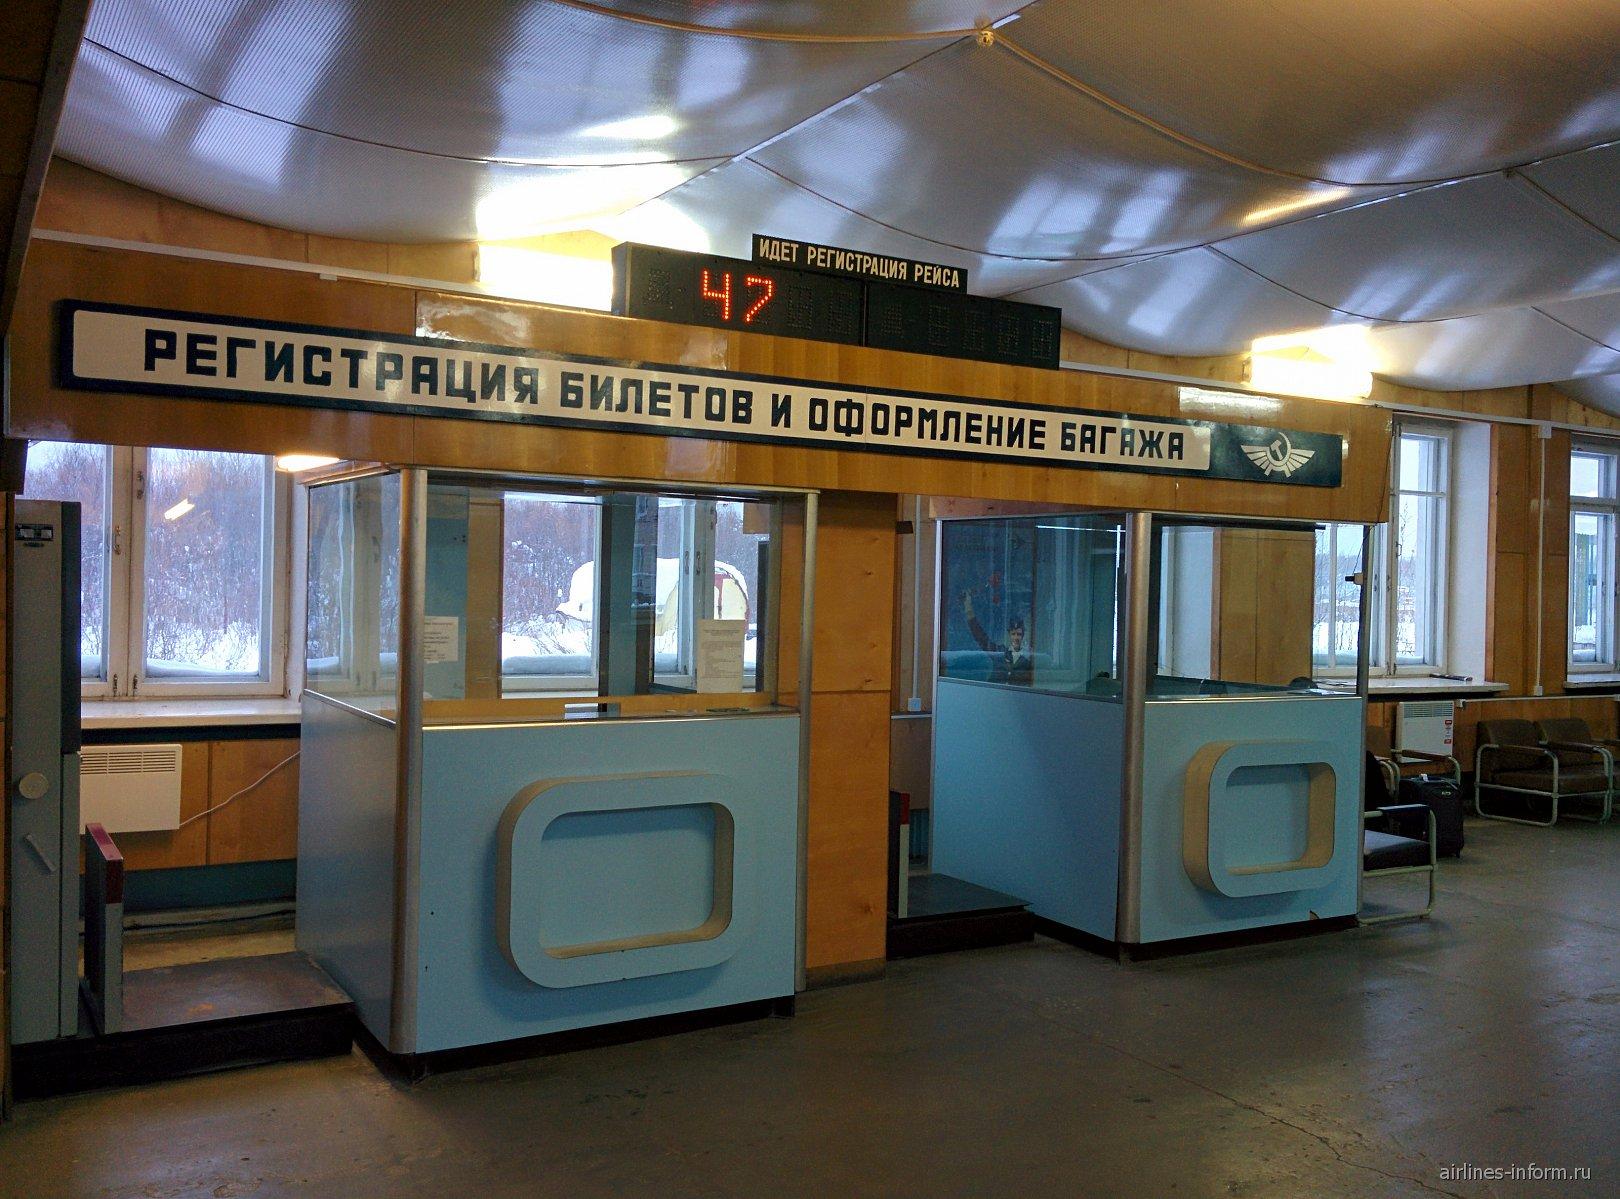 Стойки регистрации билетов и оформления багажа в аэропорту Котлас